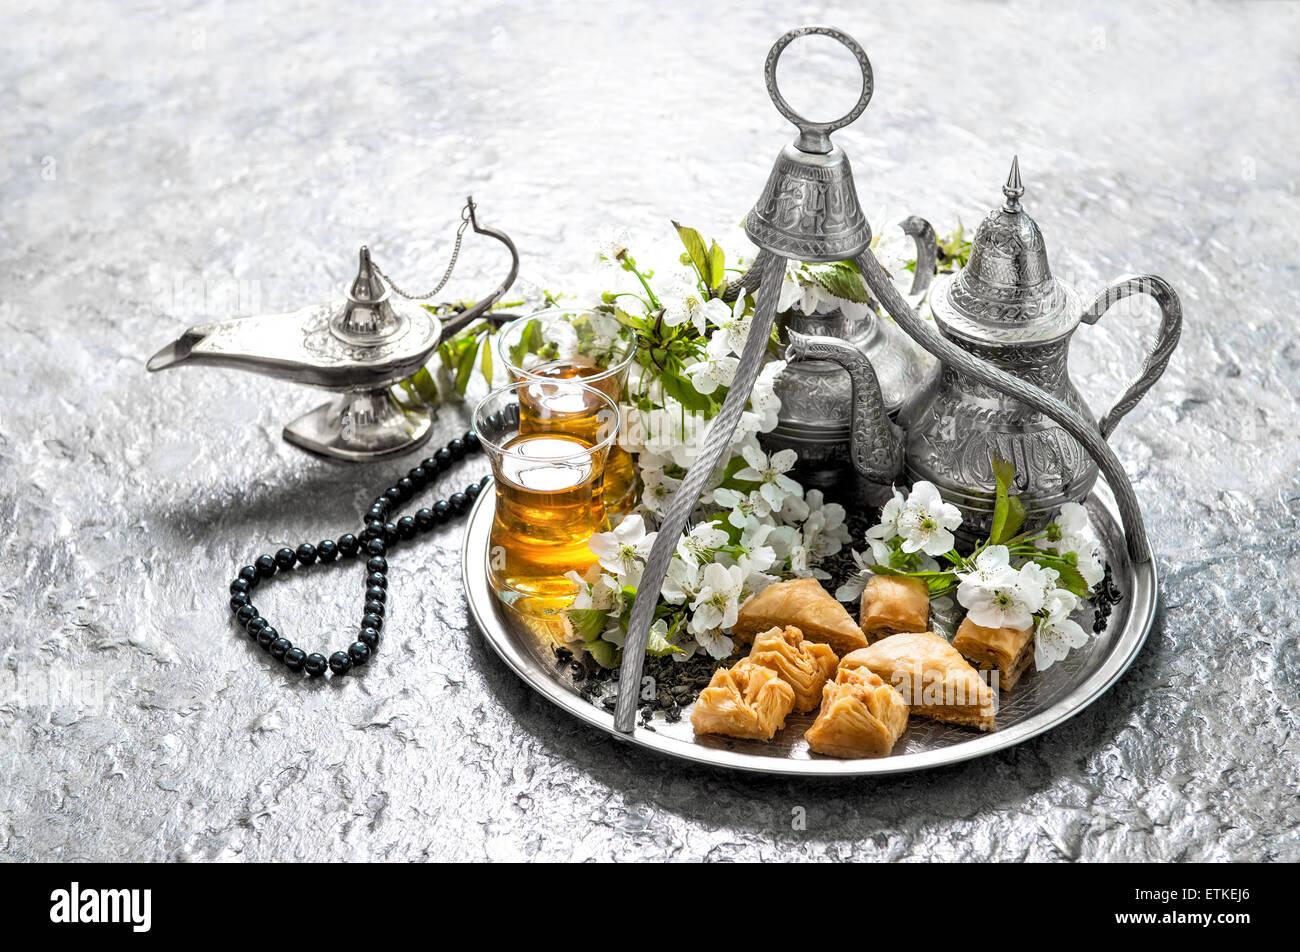 Essen Dekoration islamische feiertage essen mit dekoration ramadan kareem eid